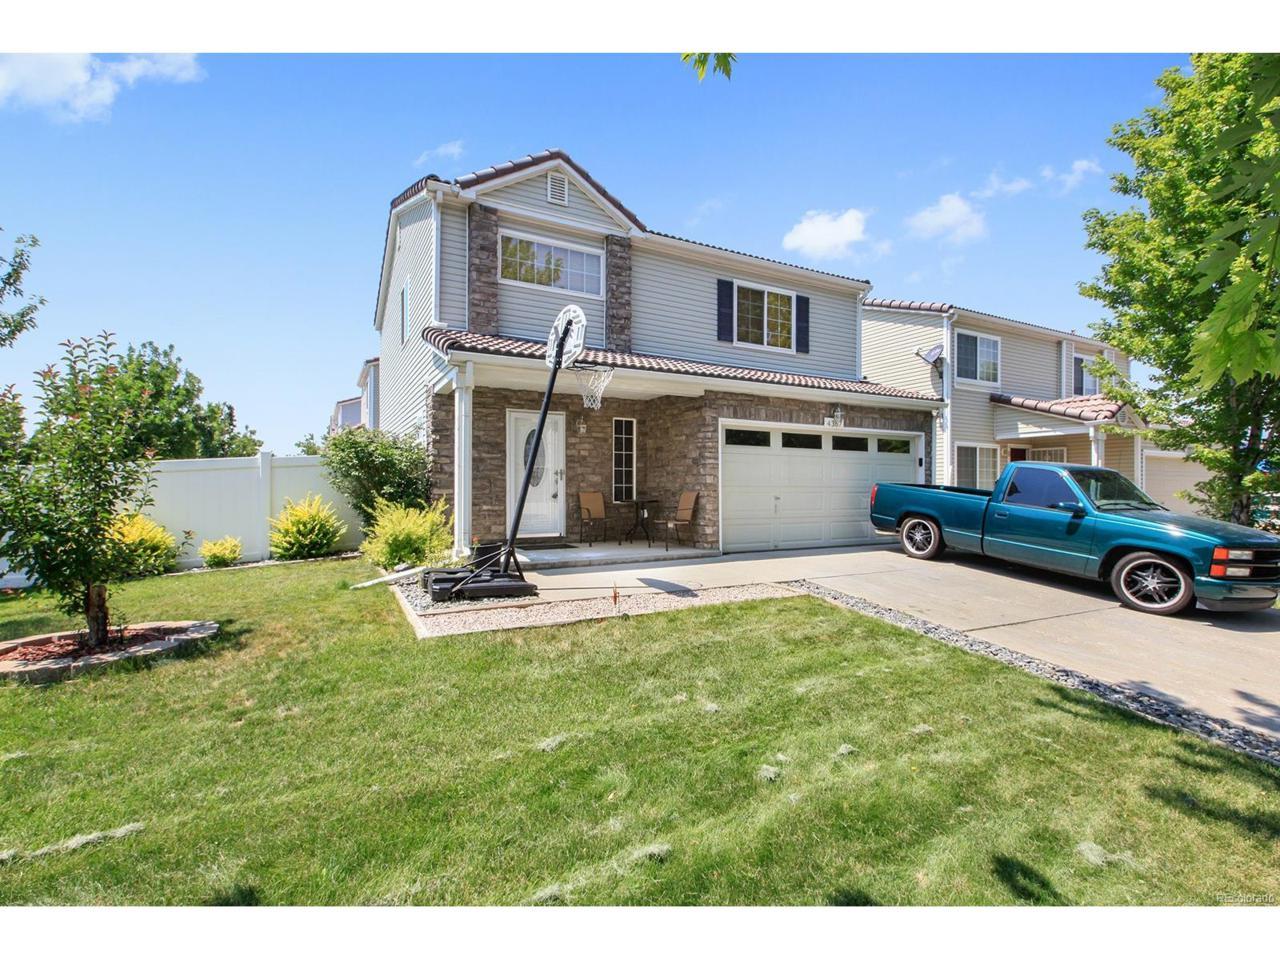 4367 Andes Way, Denver, CO 80249 (MLS #4125386) :: 8z Real Estate